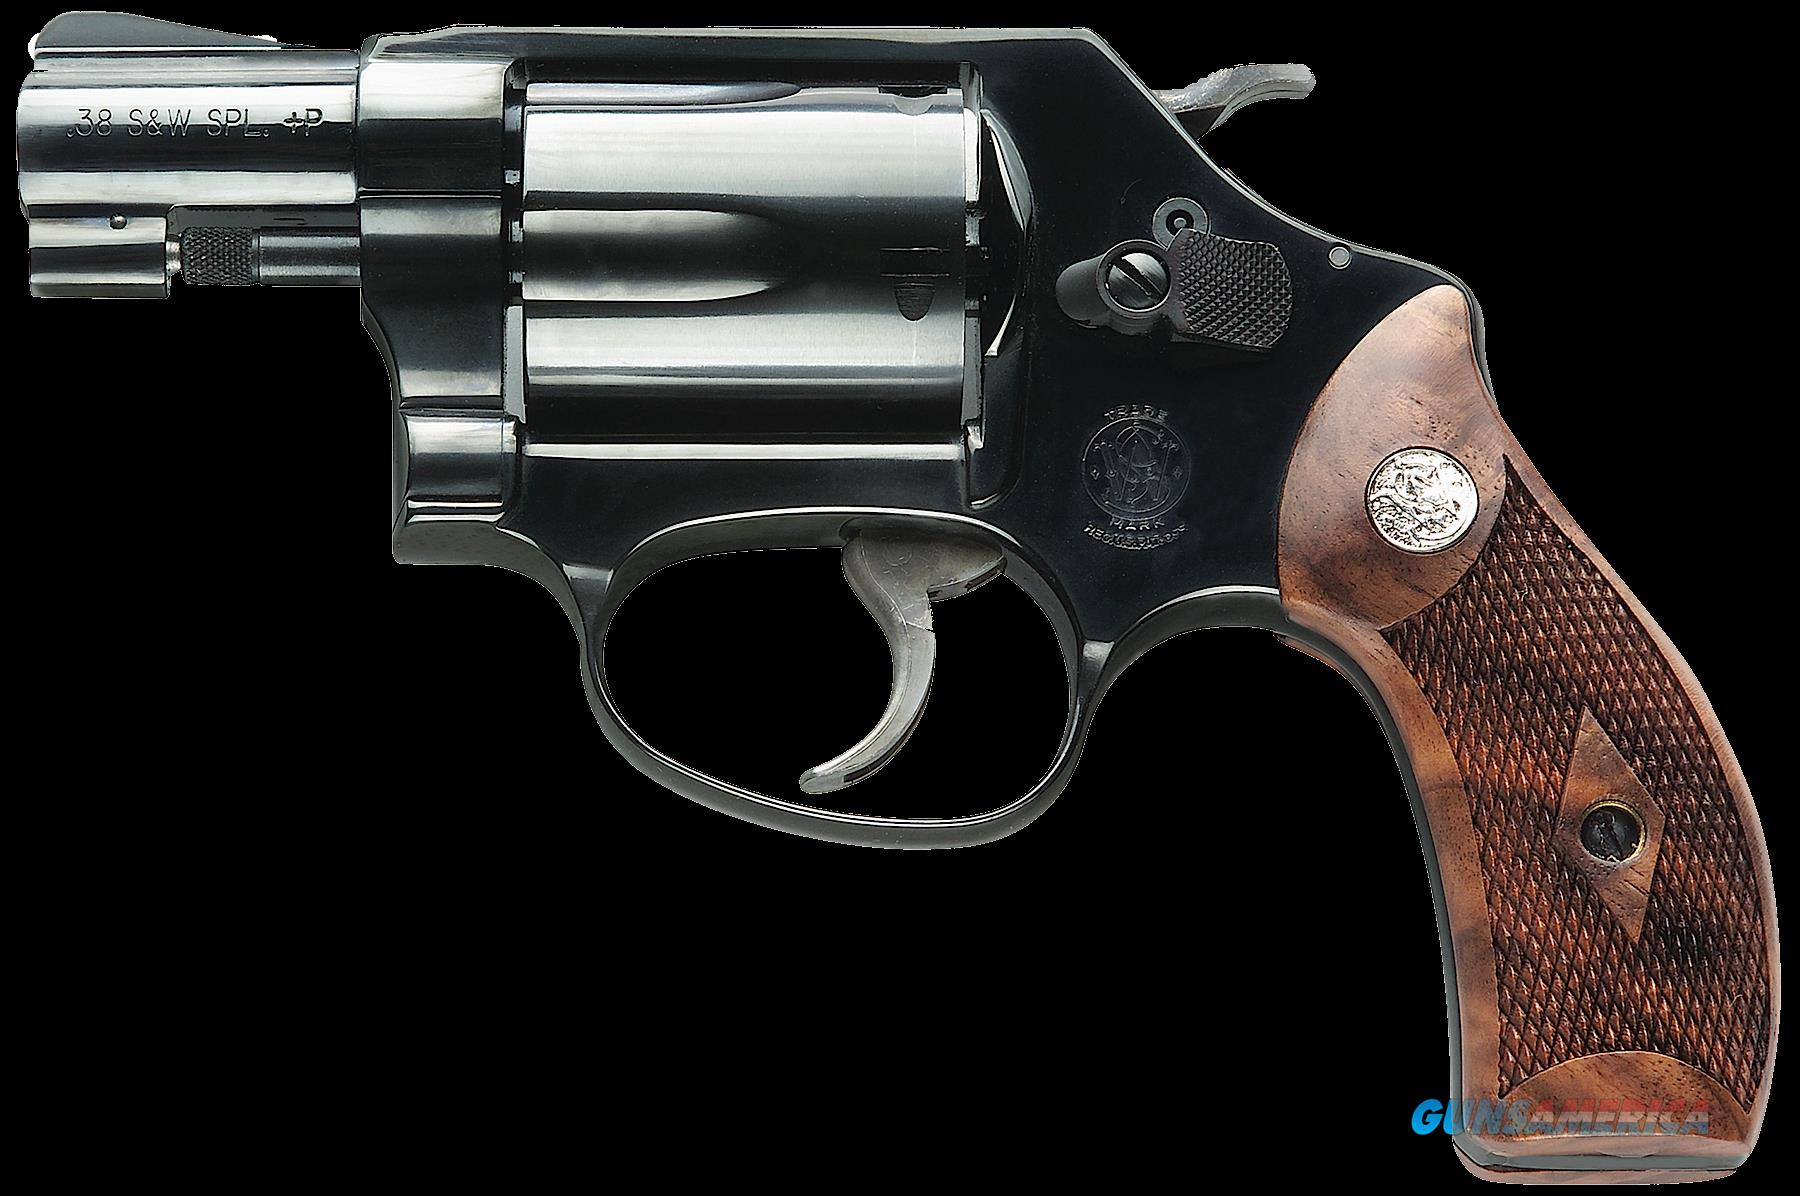 Smith & Wesson 36, S&w M36       150184 Clssc 38sp 17-8  Bl  Guns > Pistols > 1911 Pistol Copies (non-Colt)